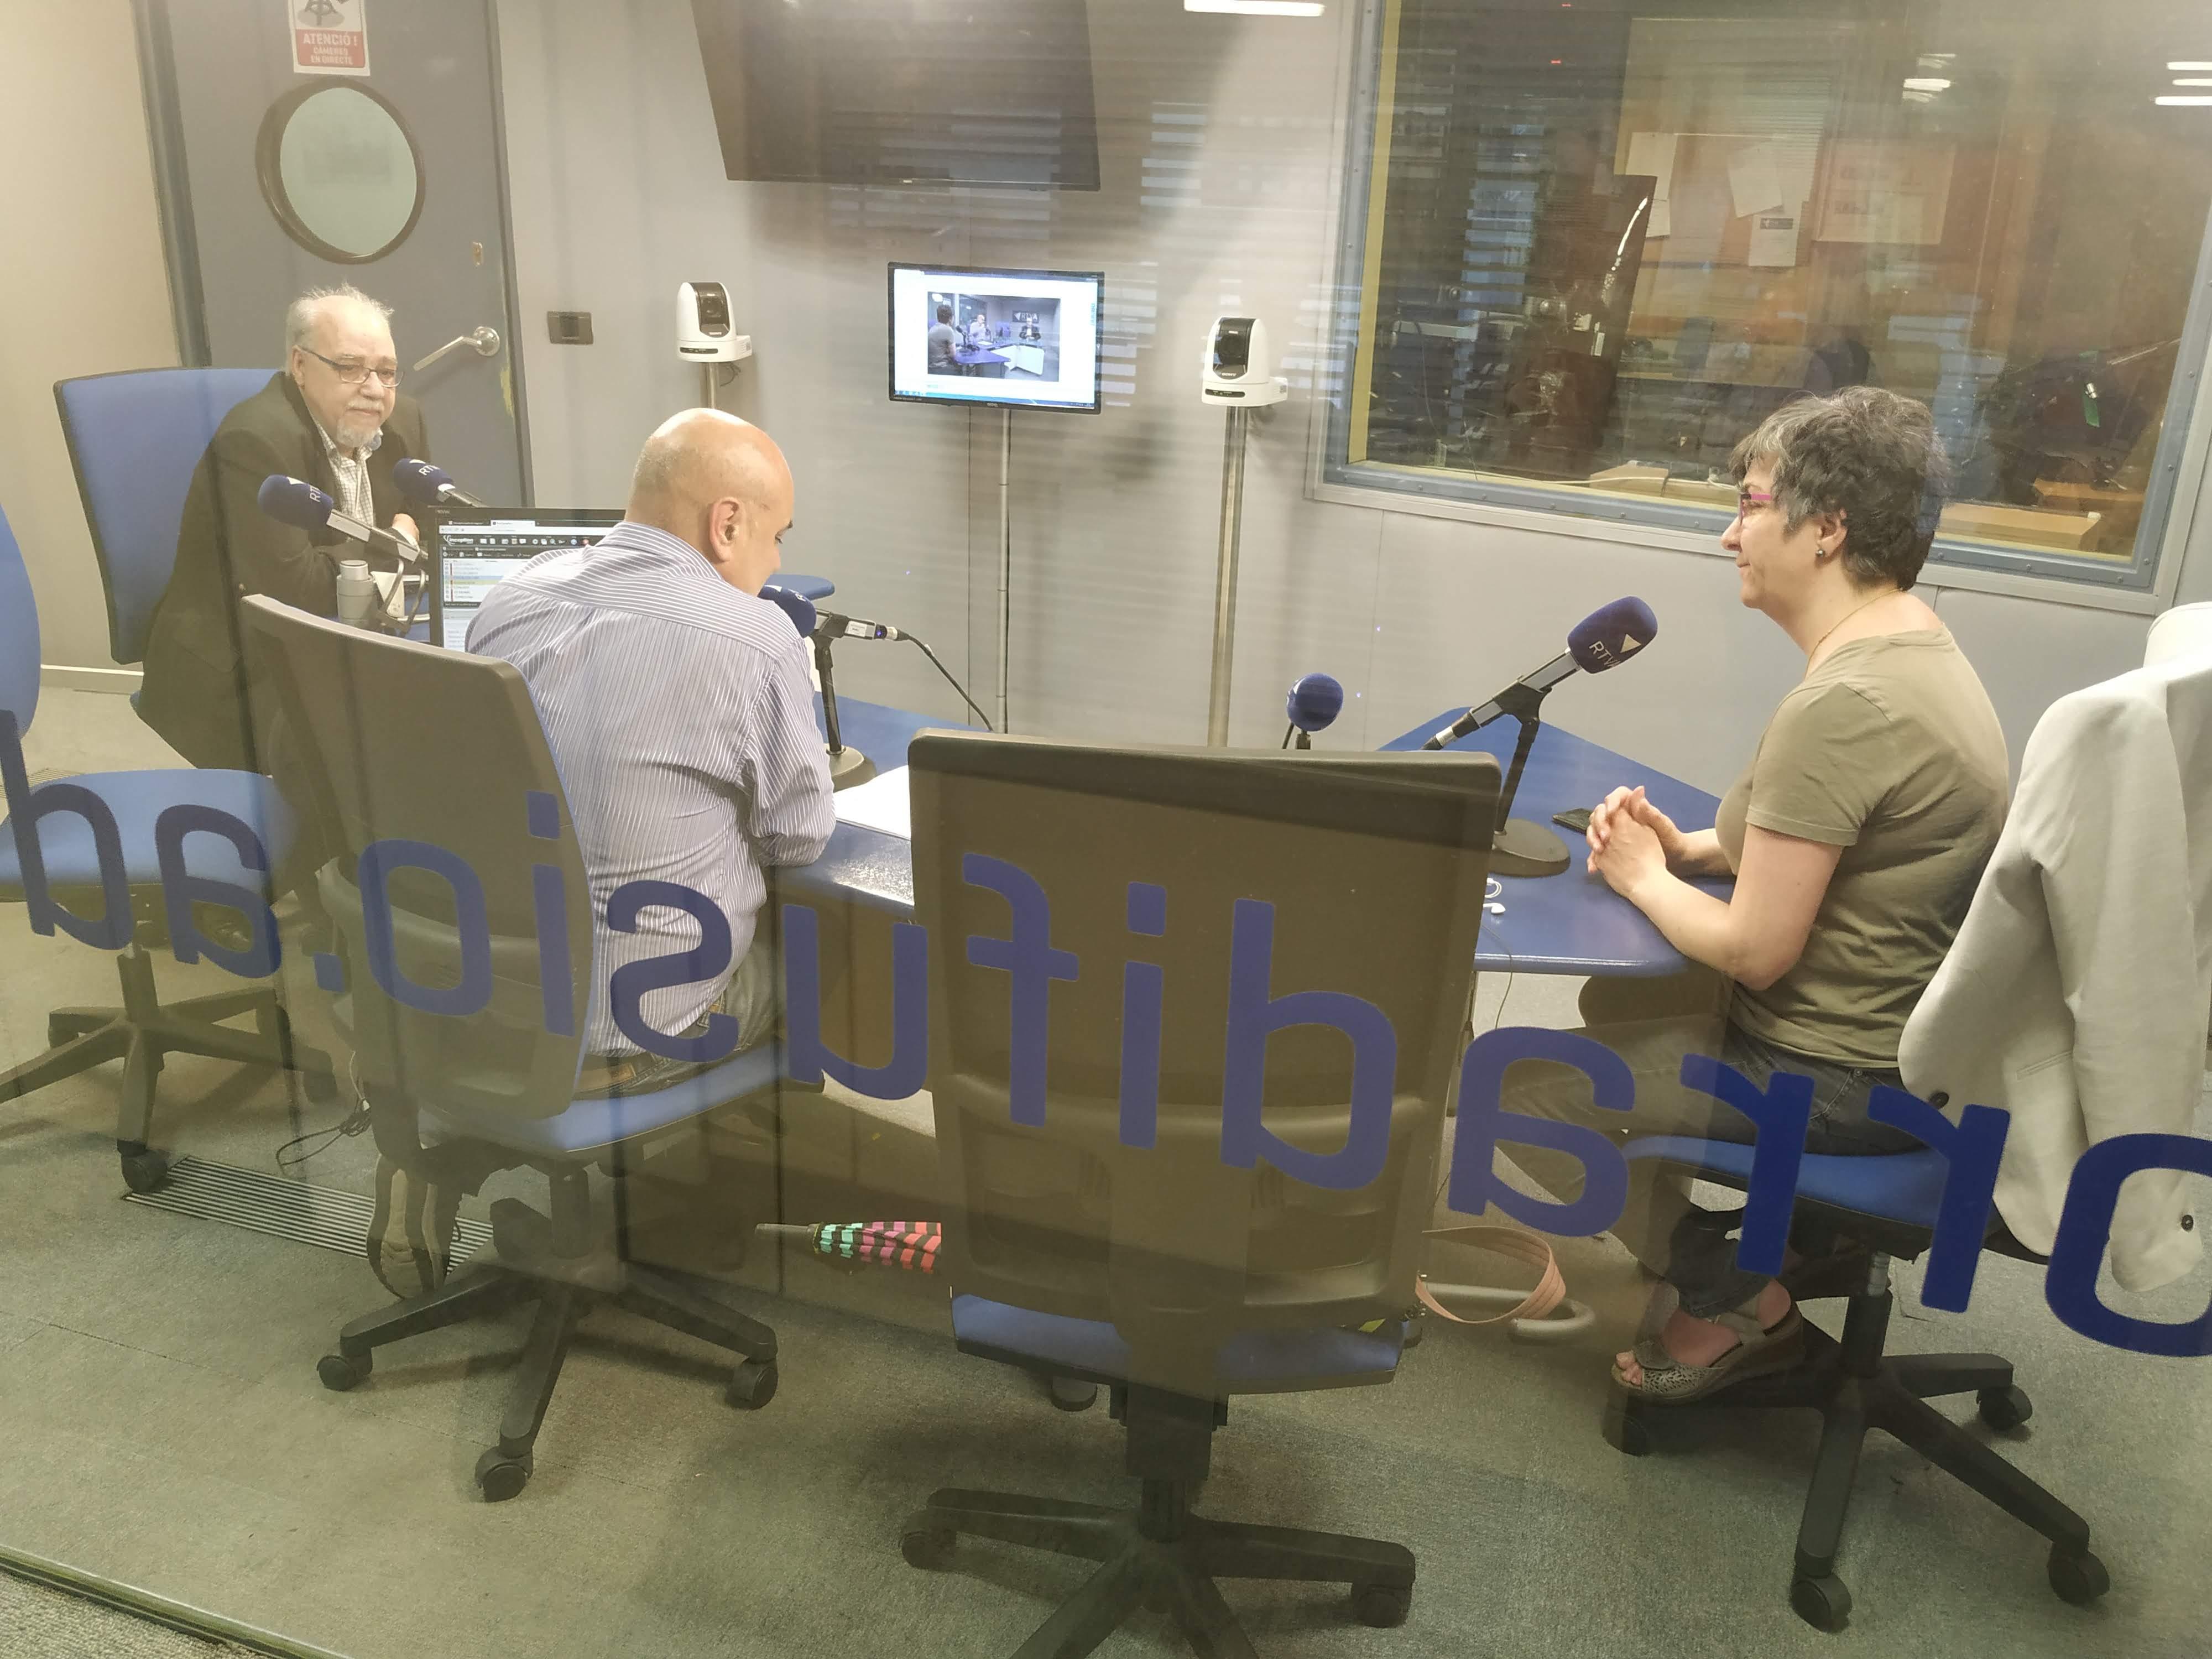 Tertúlia amb Cèlia Vendrell i Francesc Rechi 5 de juny del 2019